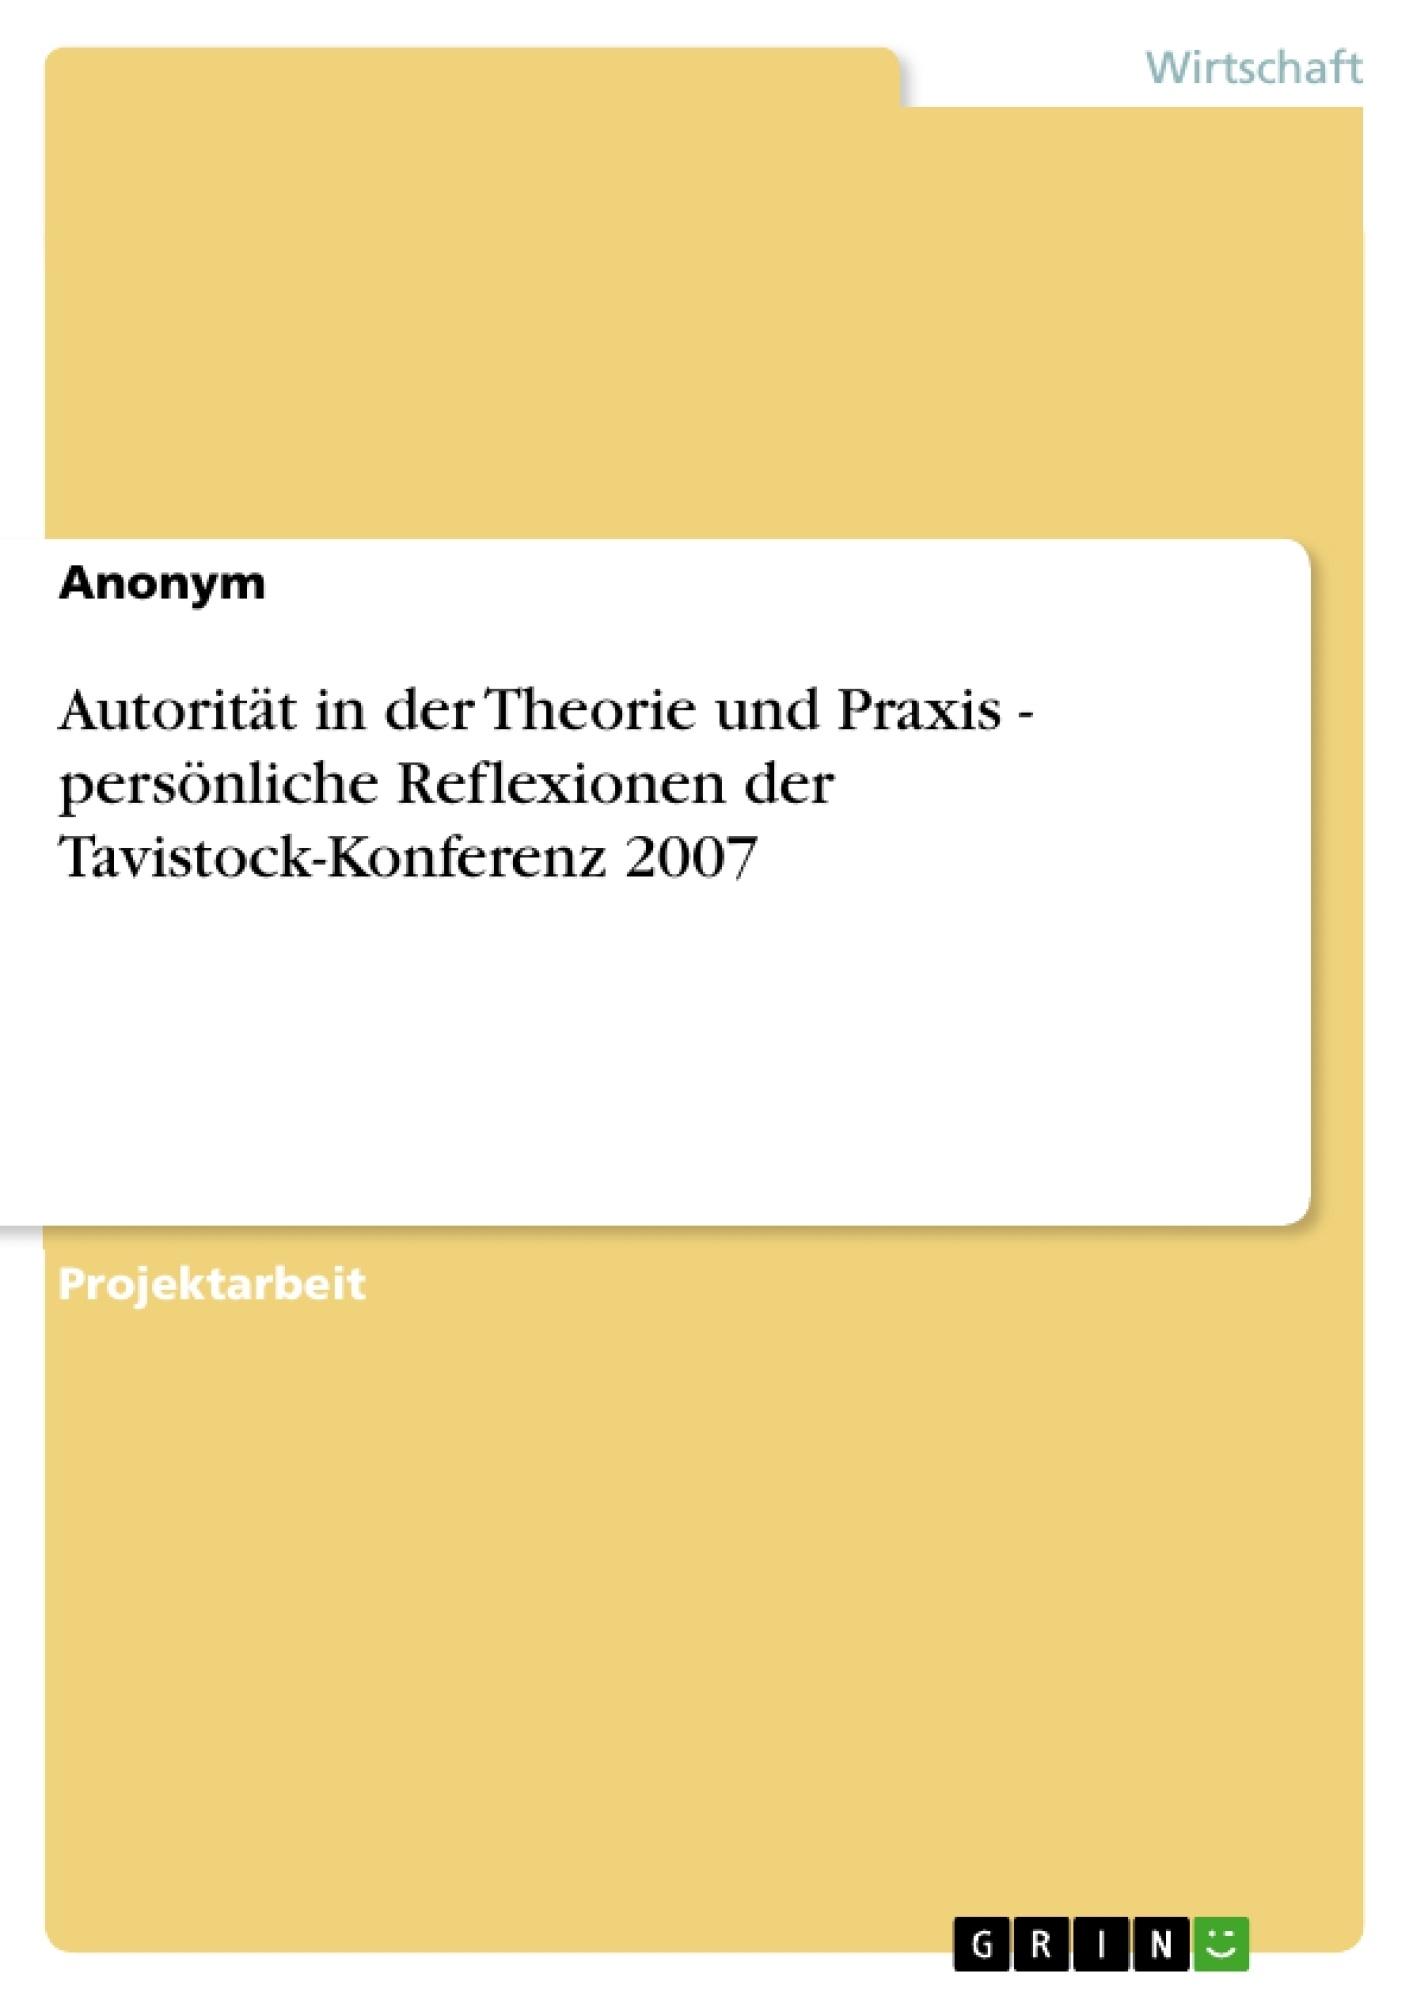 Titel: Autorität in der Theorie und Praxis - persönliche Reflexionen der Tavistock-Konferenz 2007